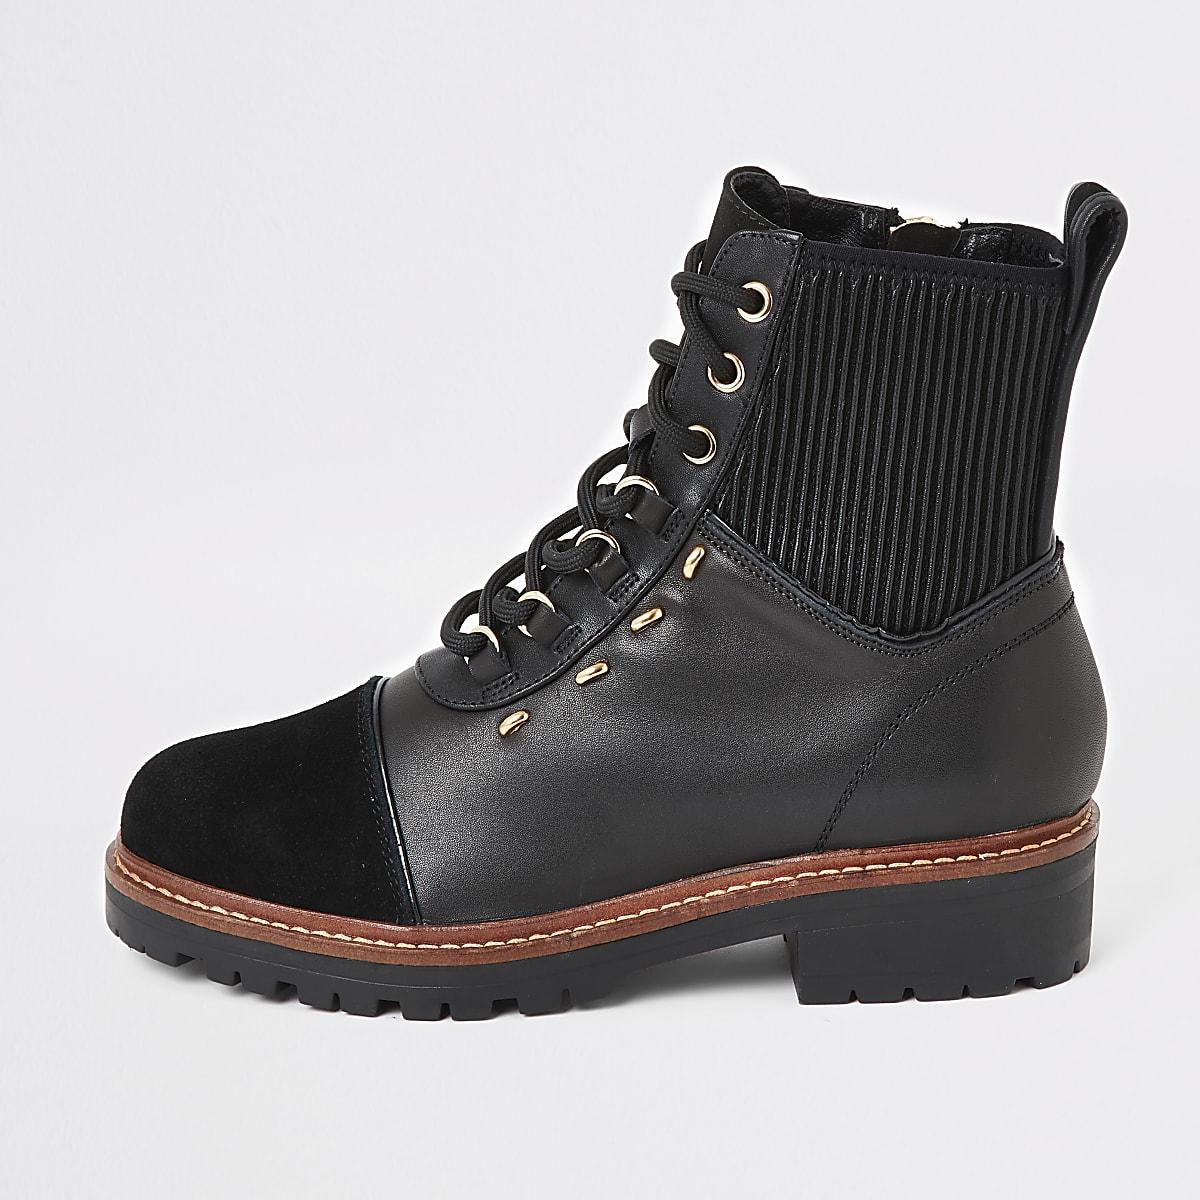 Zwarte leren wandellaarzen met vetersluiting